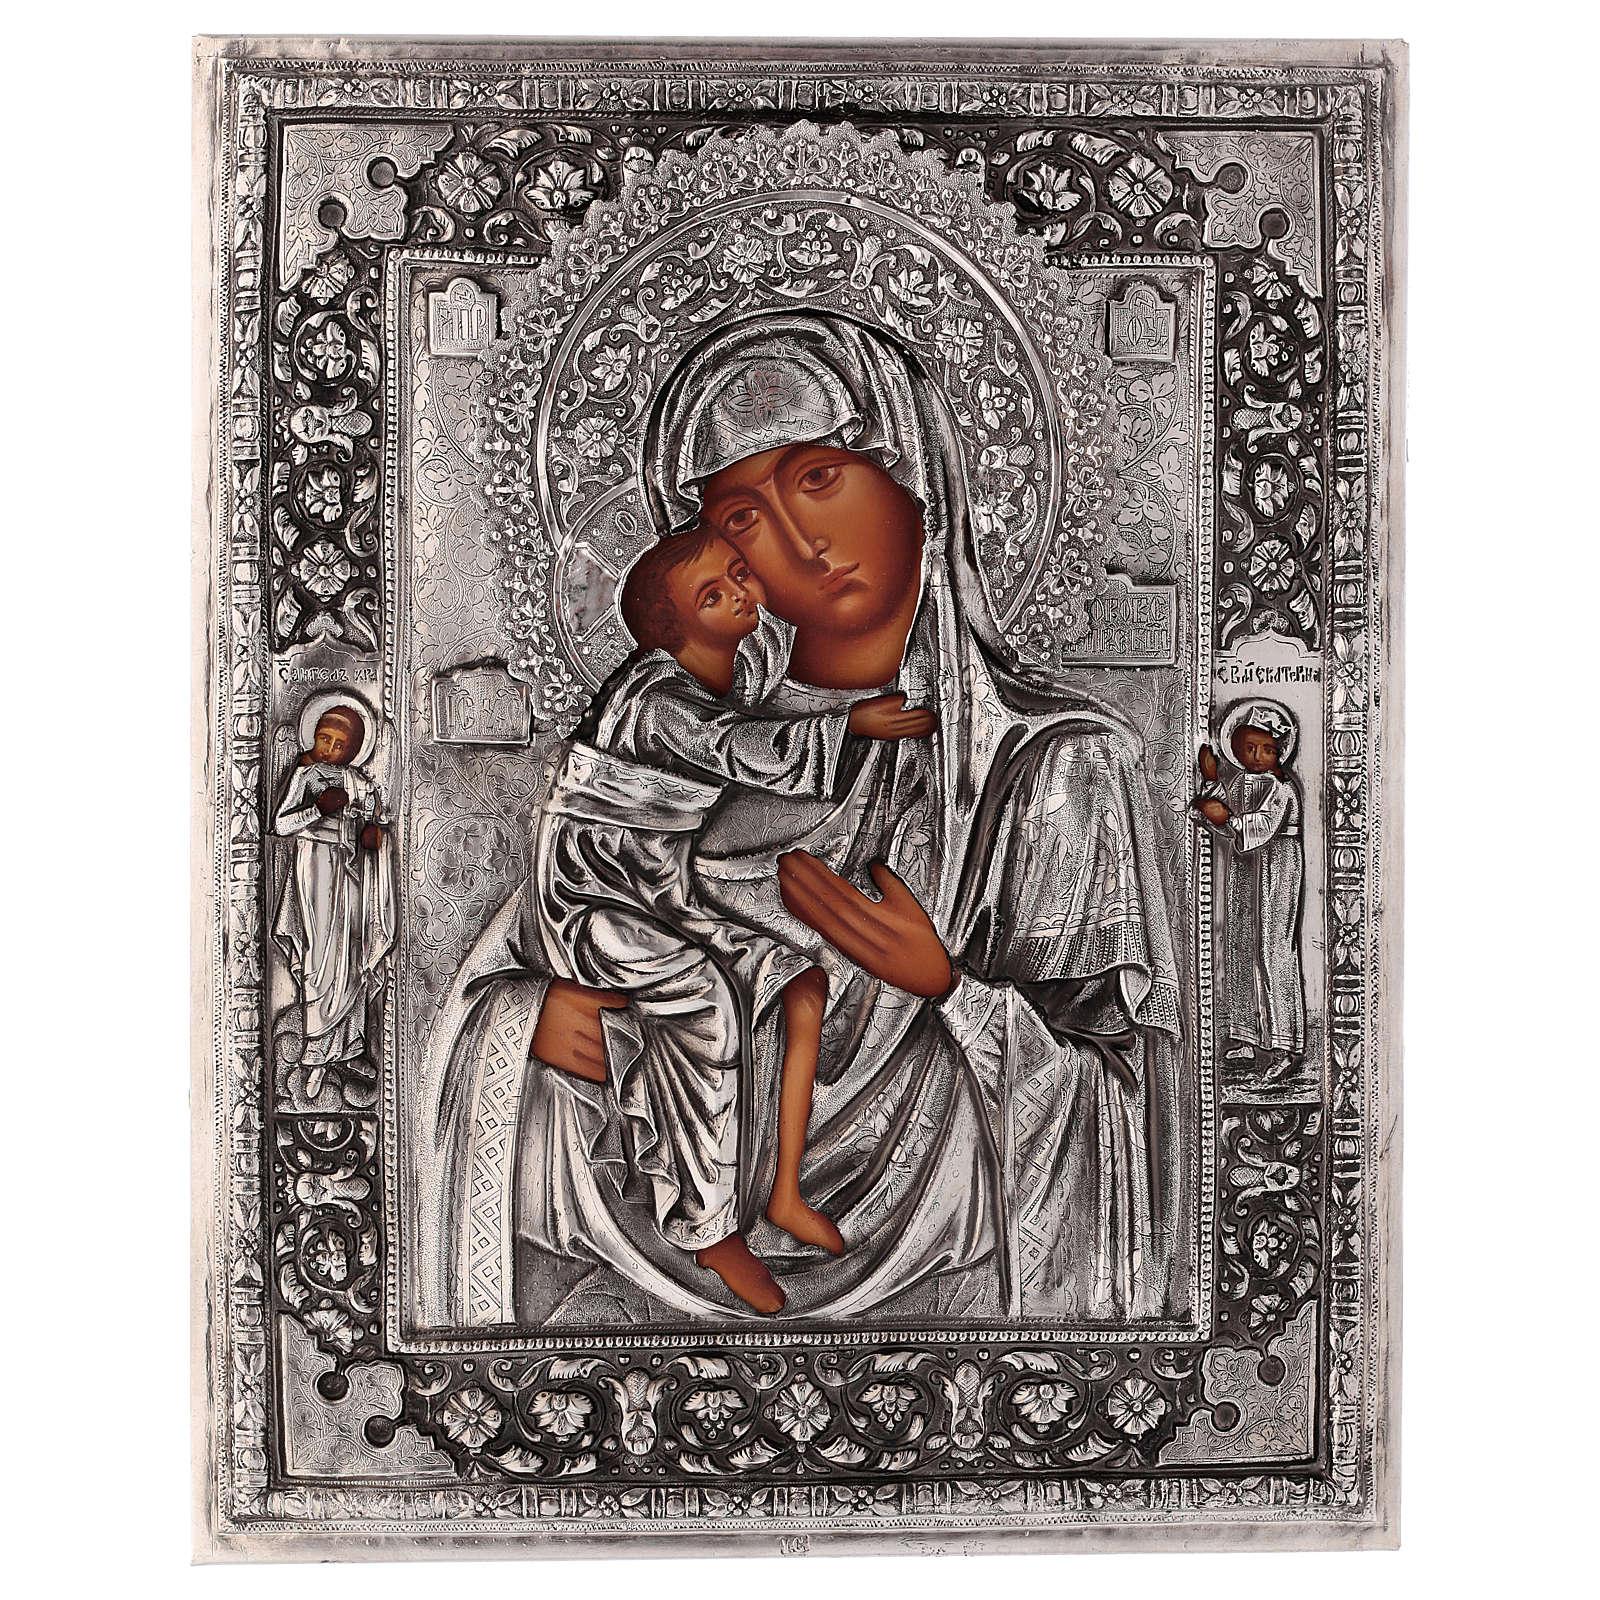 Icône Mère de Dieu Feodorovskaya peinte 20x16 cm Pologne riza 4